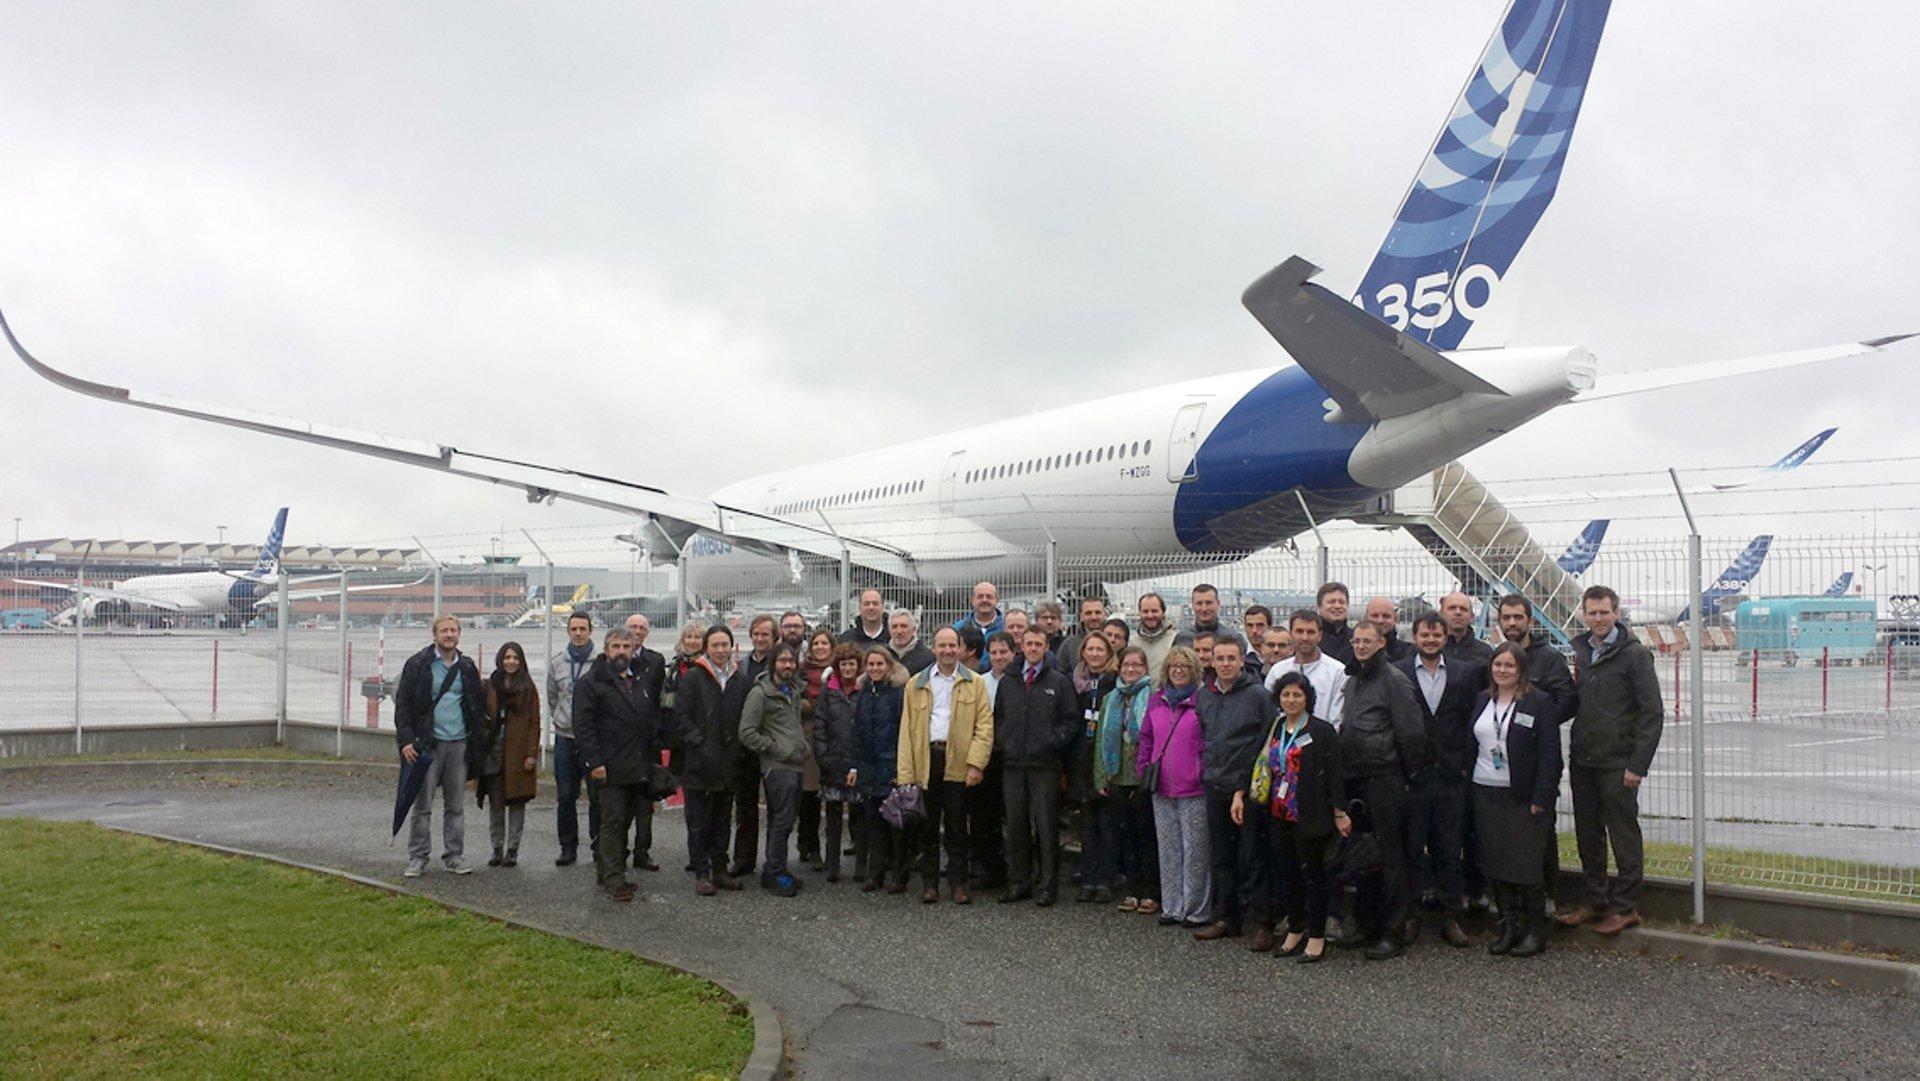 Airbus Aircraft Structural Repair team